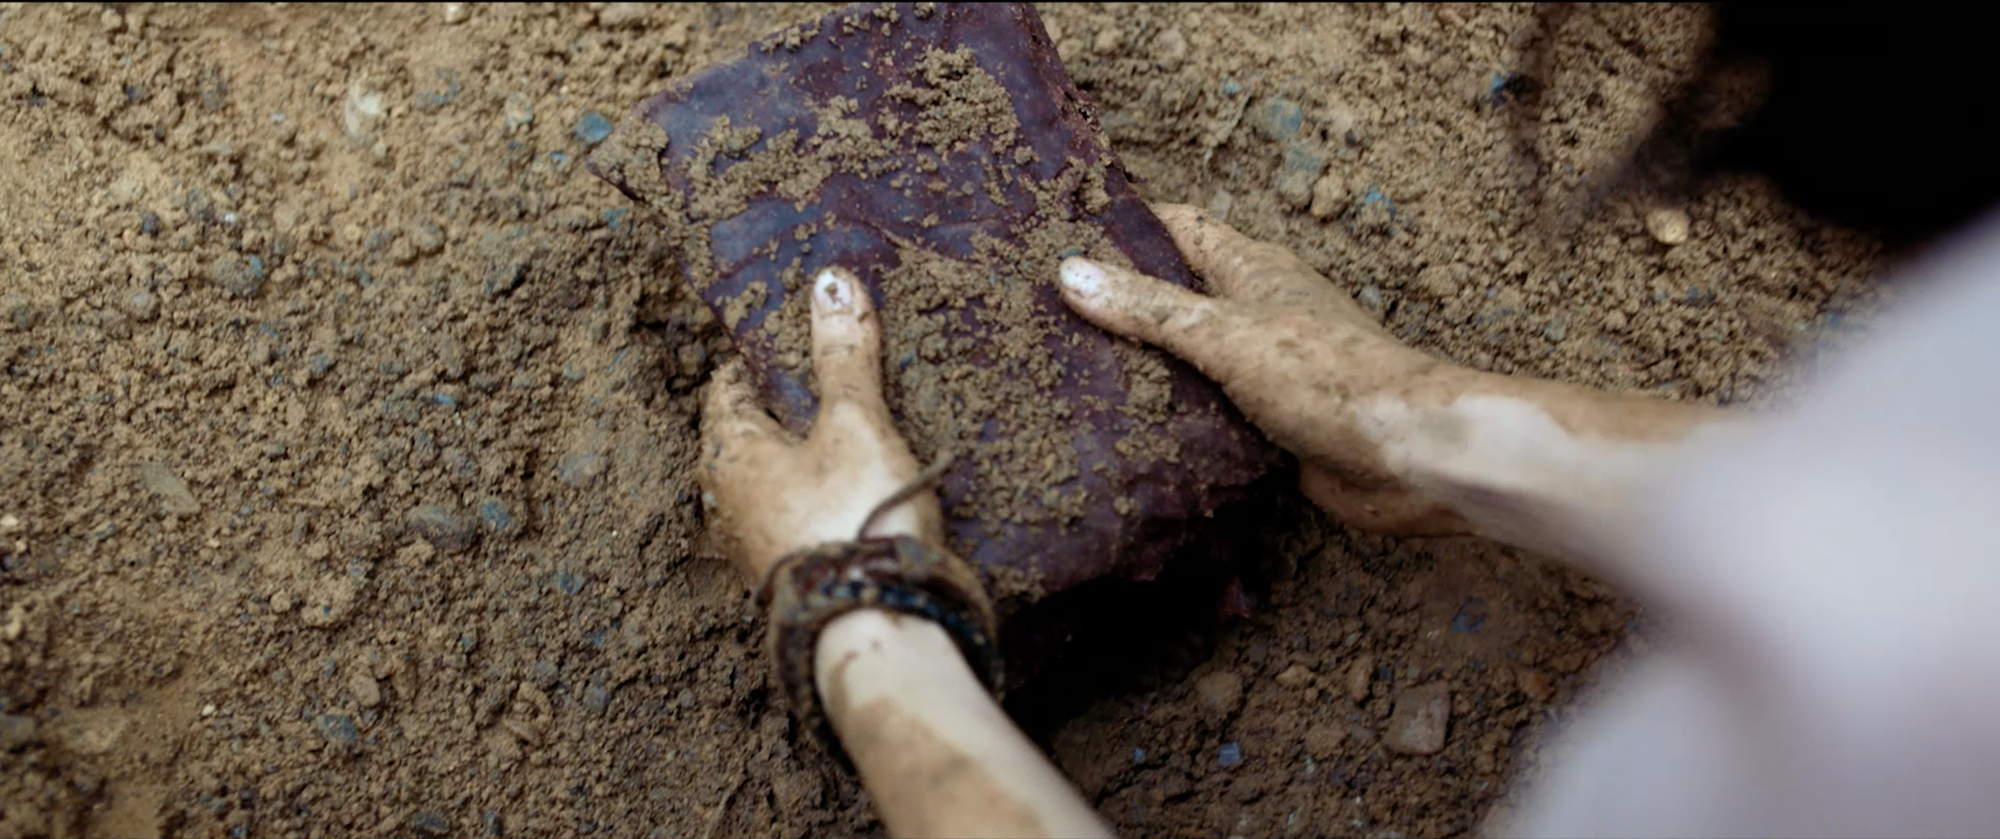 Ả đào Jun Vũ hứa hẹn lột xác bằng cảnh nóng với Quách Ngọc Ngoan trong Người Bất Tử - Ảnh 3.